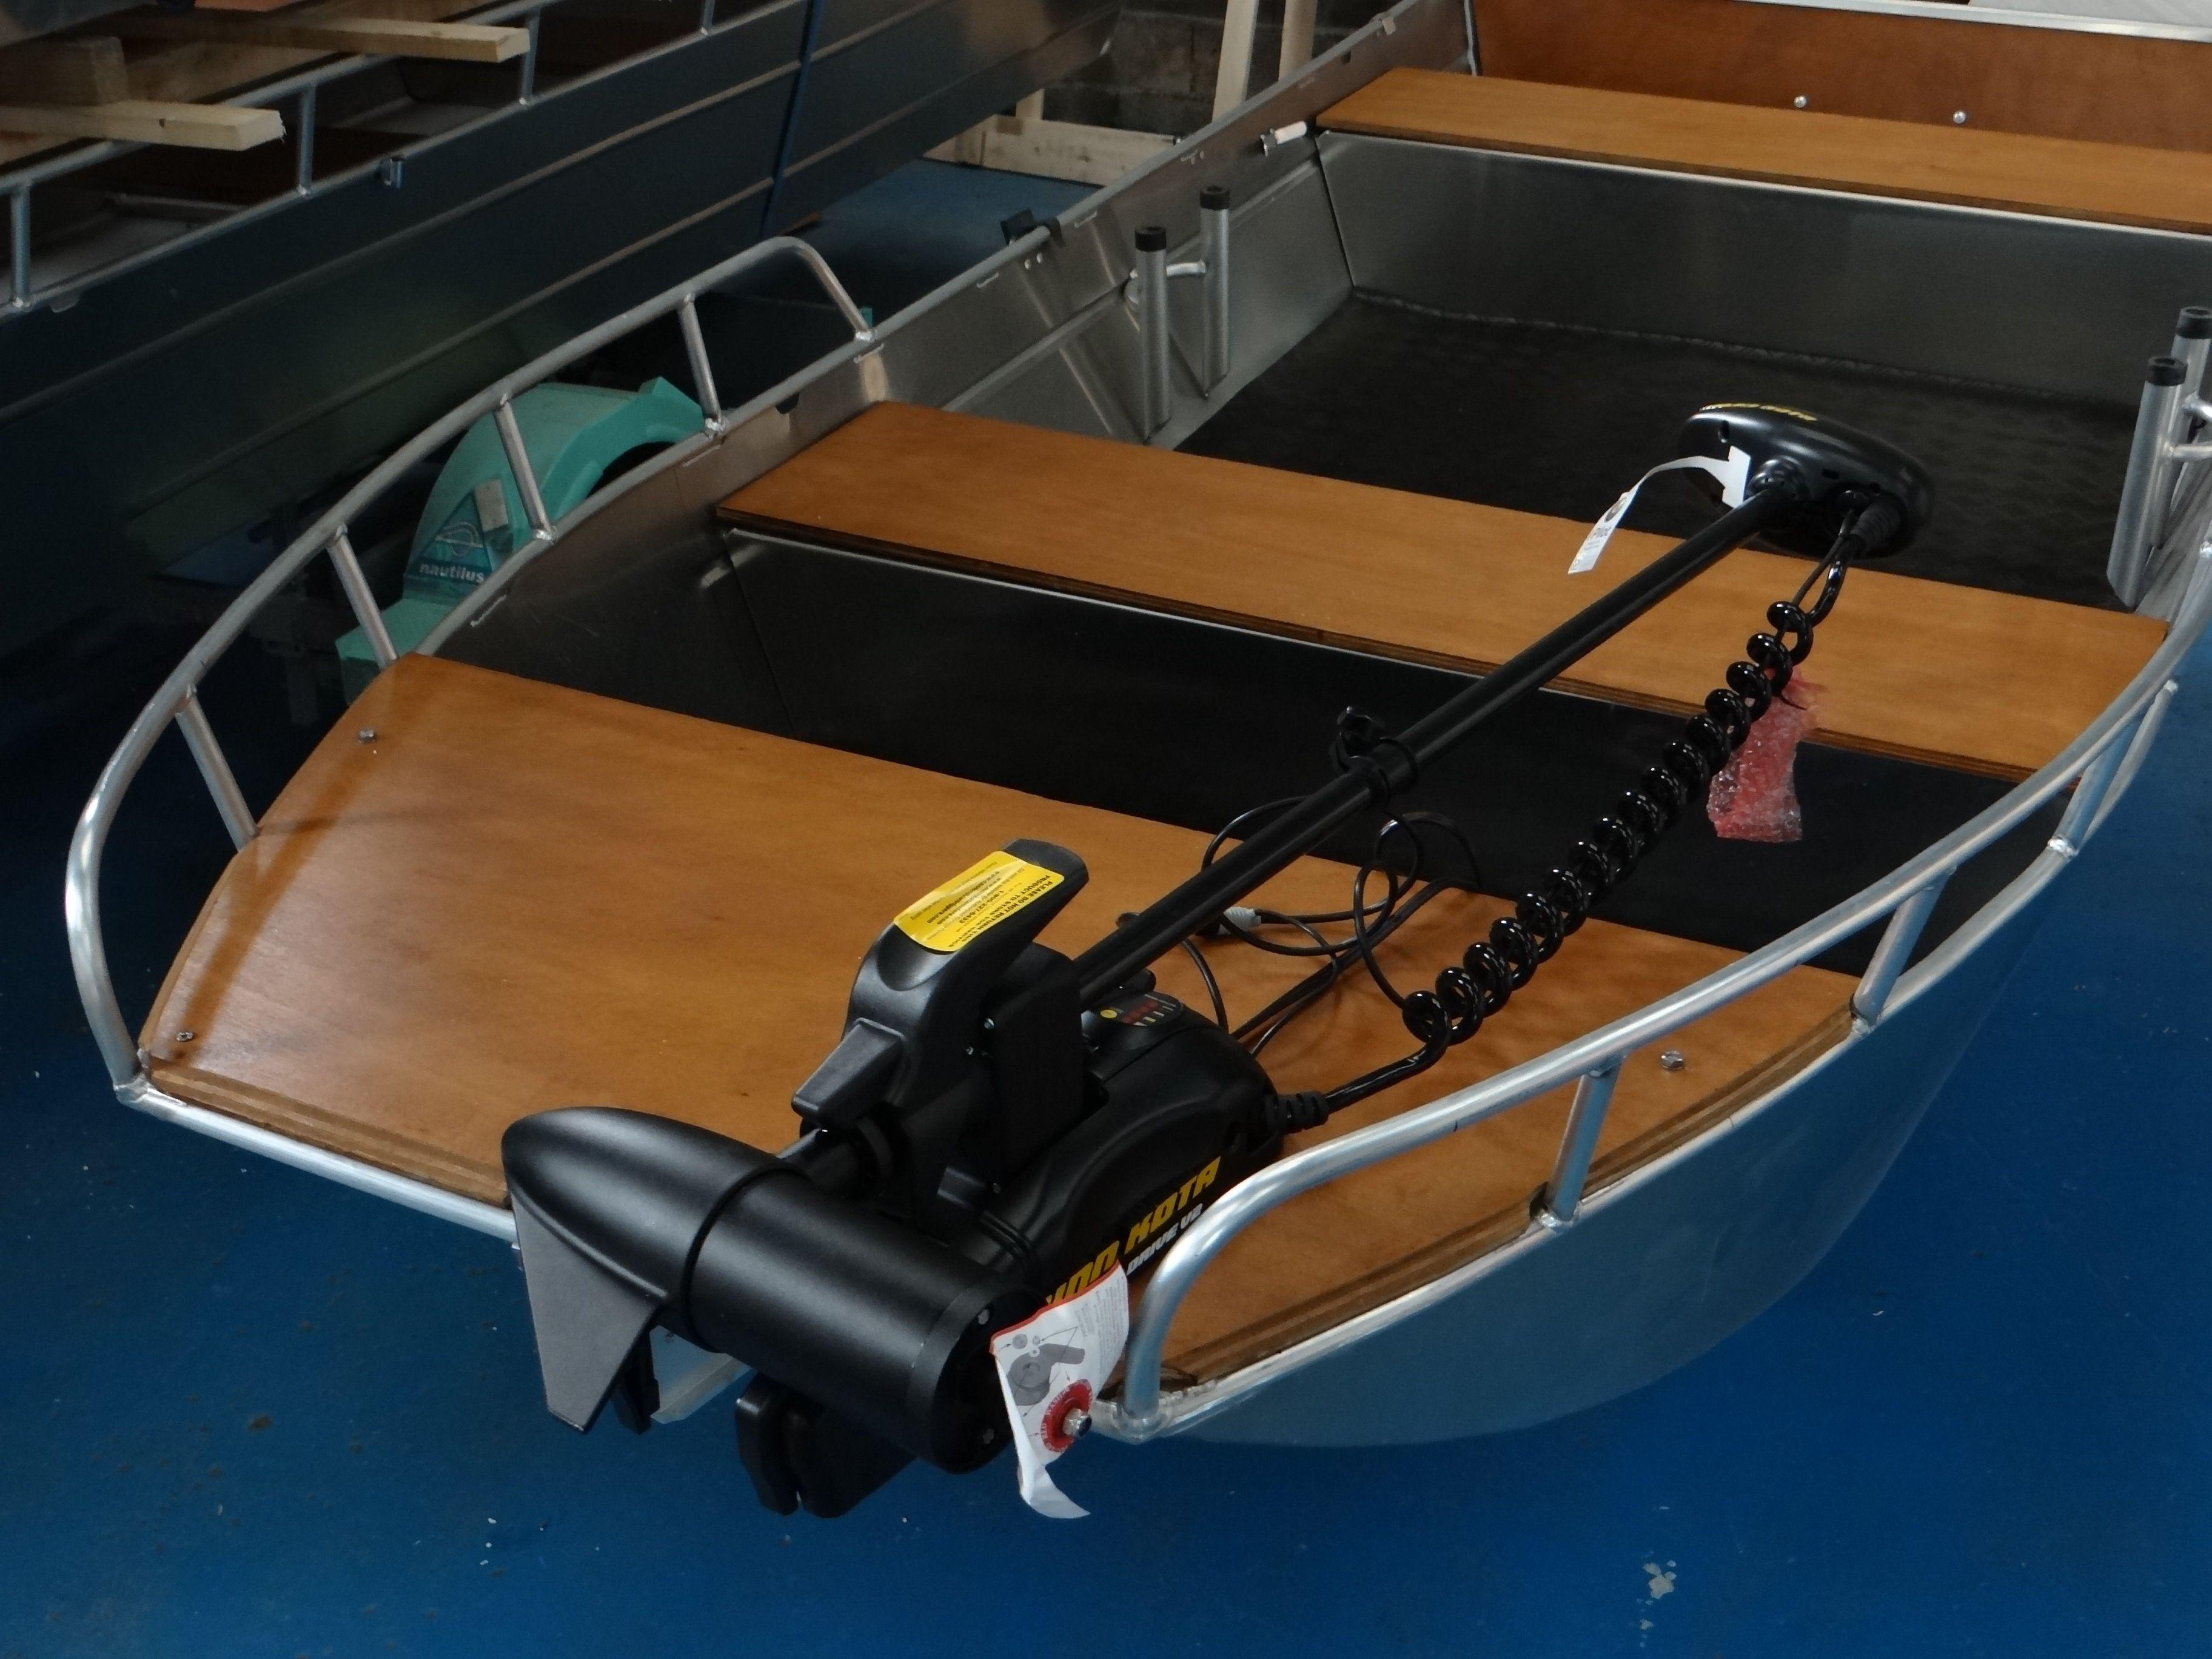 moteur lectrique avant boat ideas pinterest moteur lectrique barque et electrique. Black Bedroom Furniture Sets. Home Design Ideas